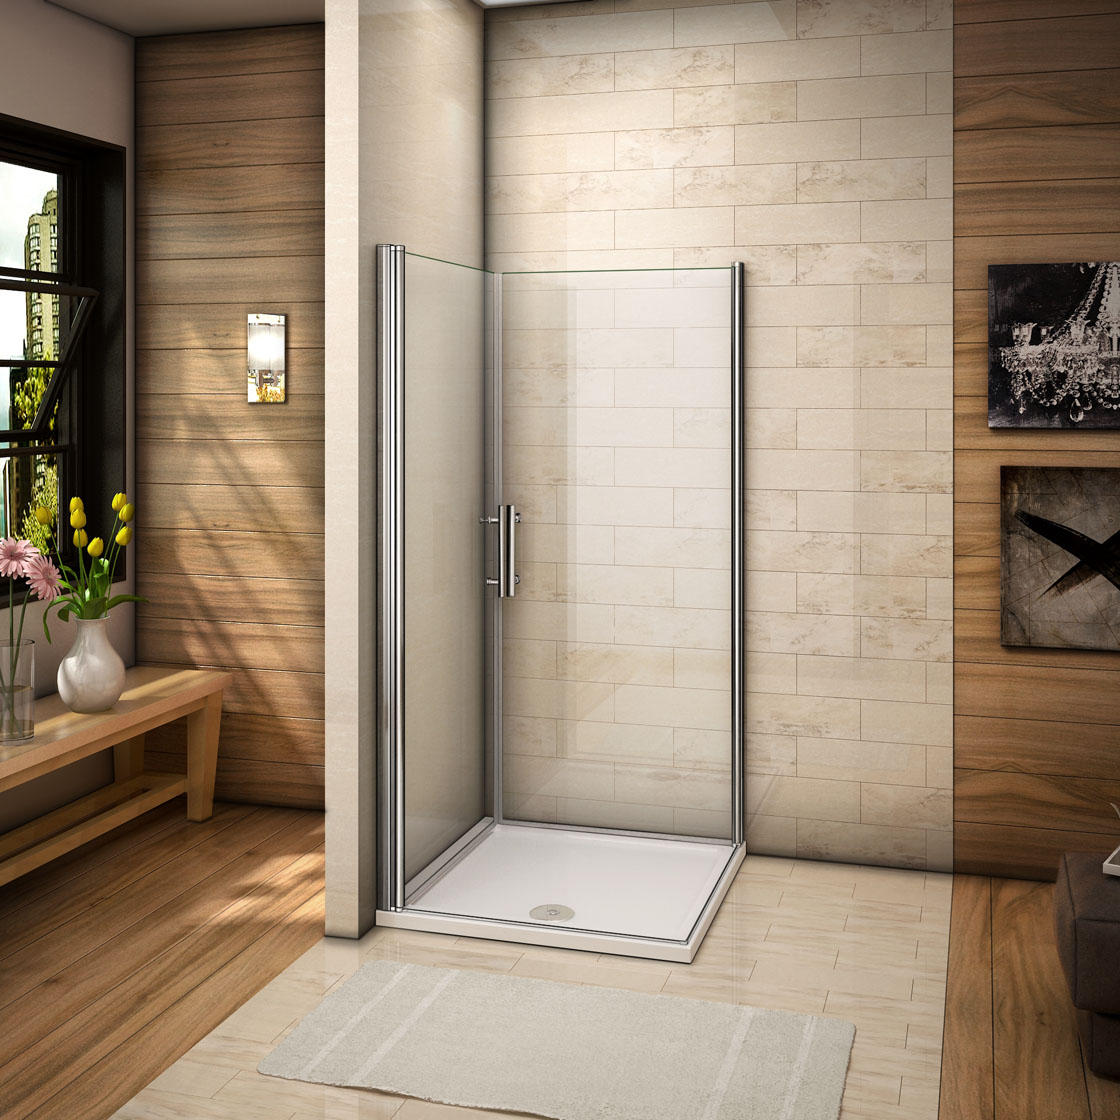 duschkabine duschabtrennung eckeinstieg 180 2xschwingt r dreht r 6mm nano glas ebay. Black Bedroom Furniture Sets. Home Design Ideas